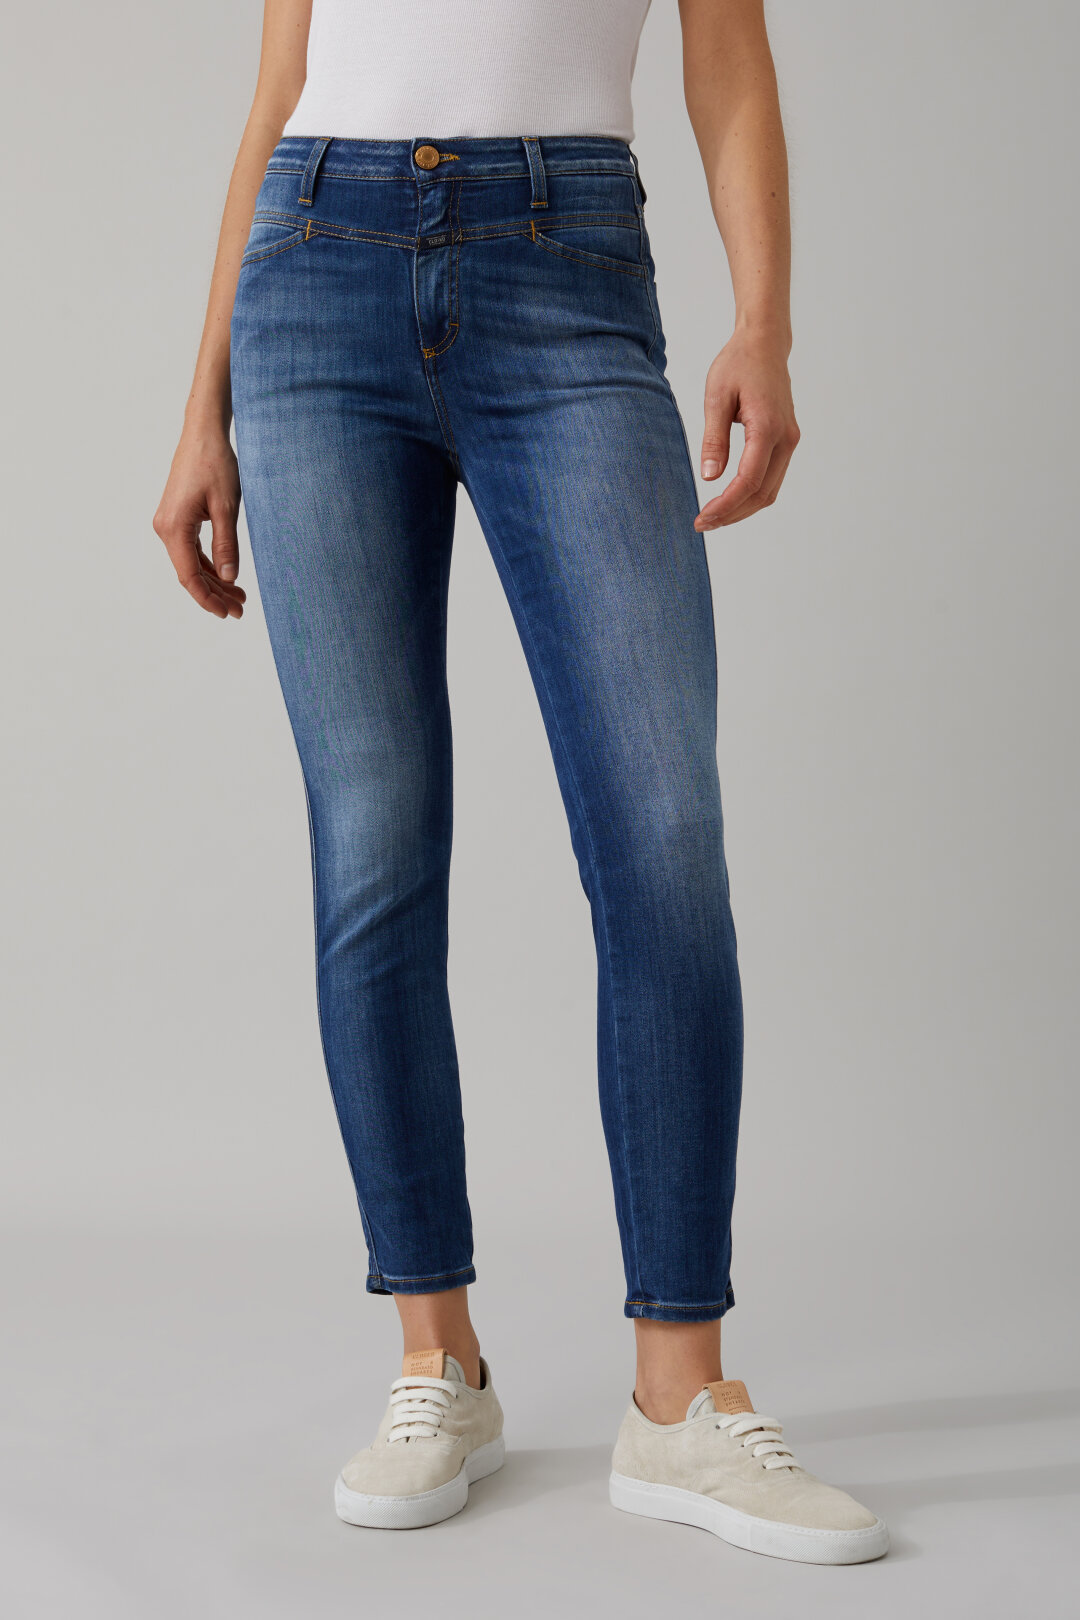 CLOSED C91231 SKINNY Pusher Damen Jeans Hose Gr: 30 blau Neu